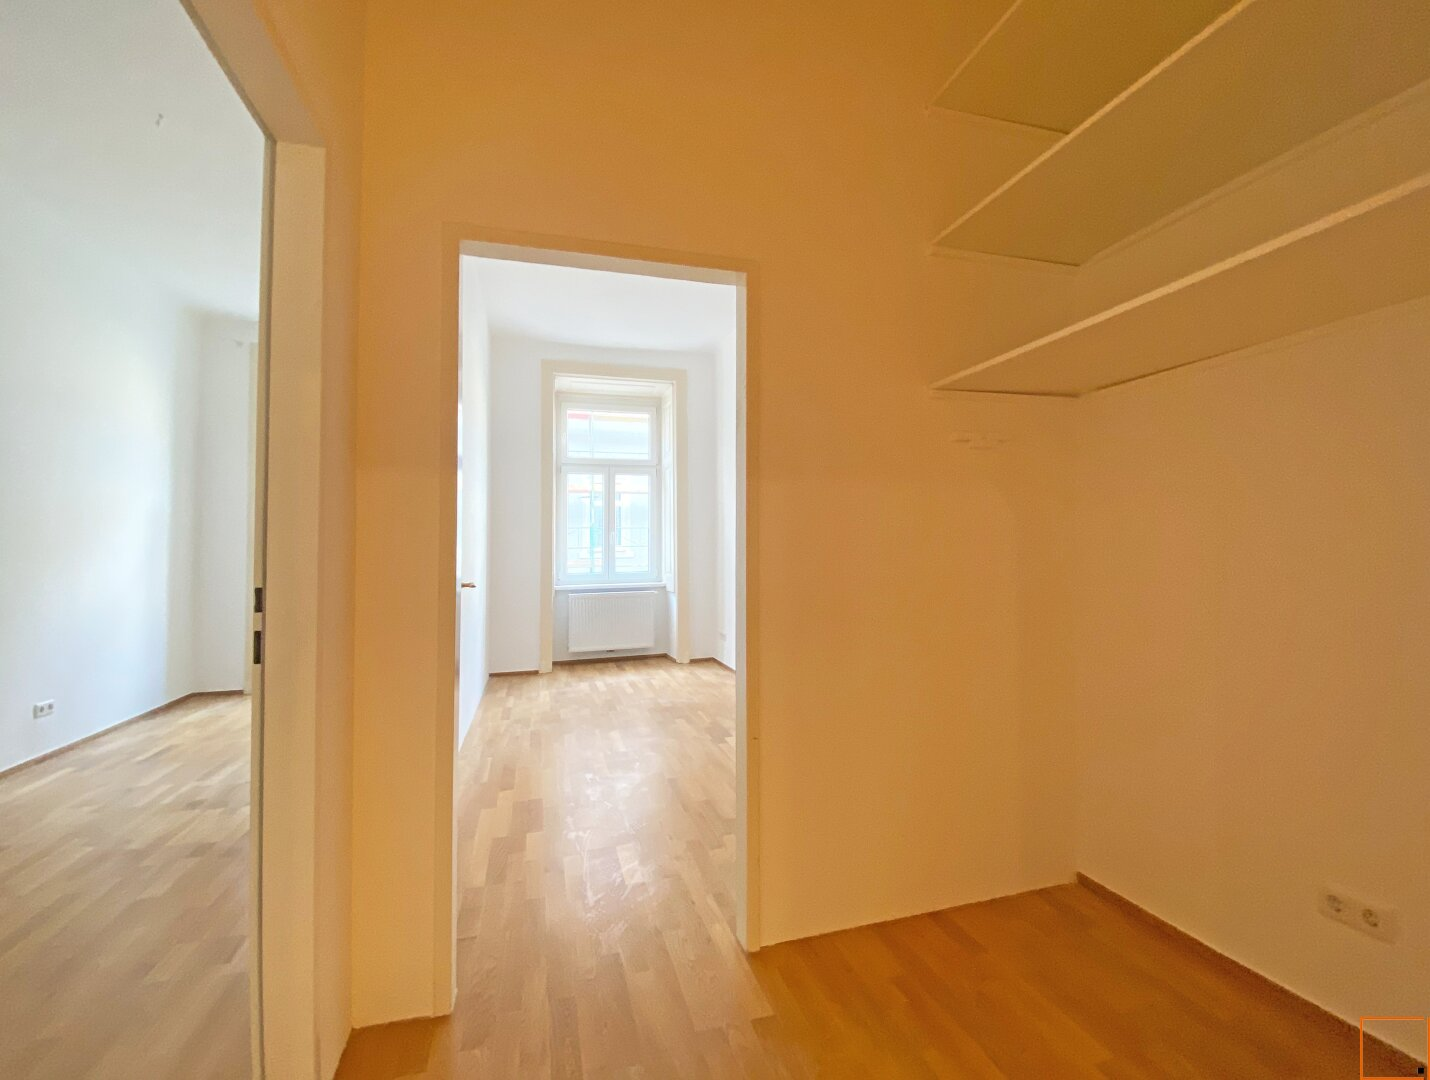 Vorzimmer mit Regal